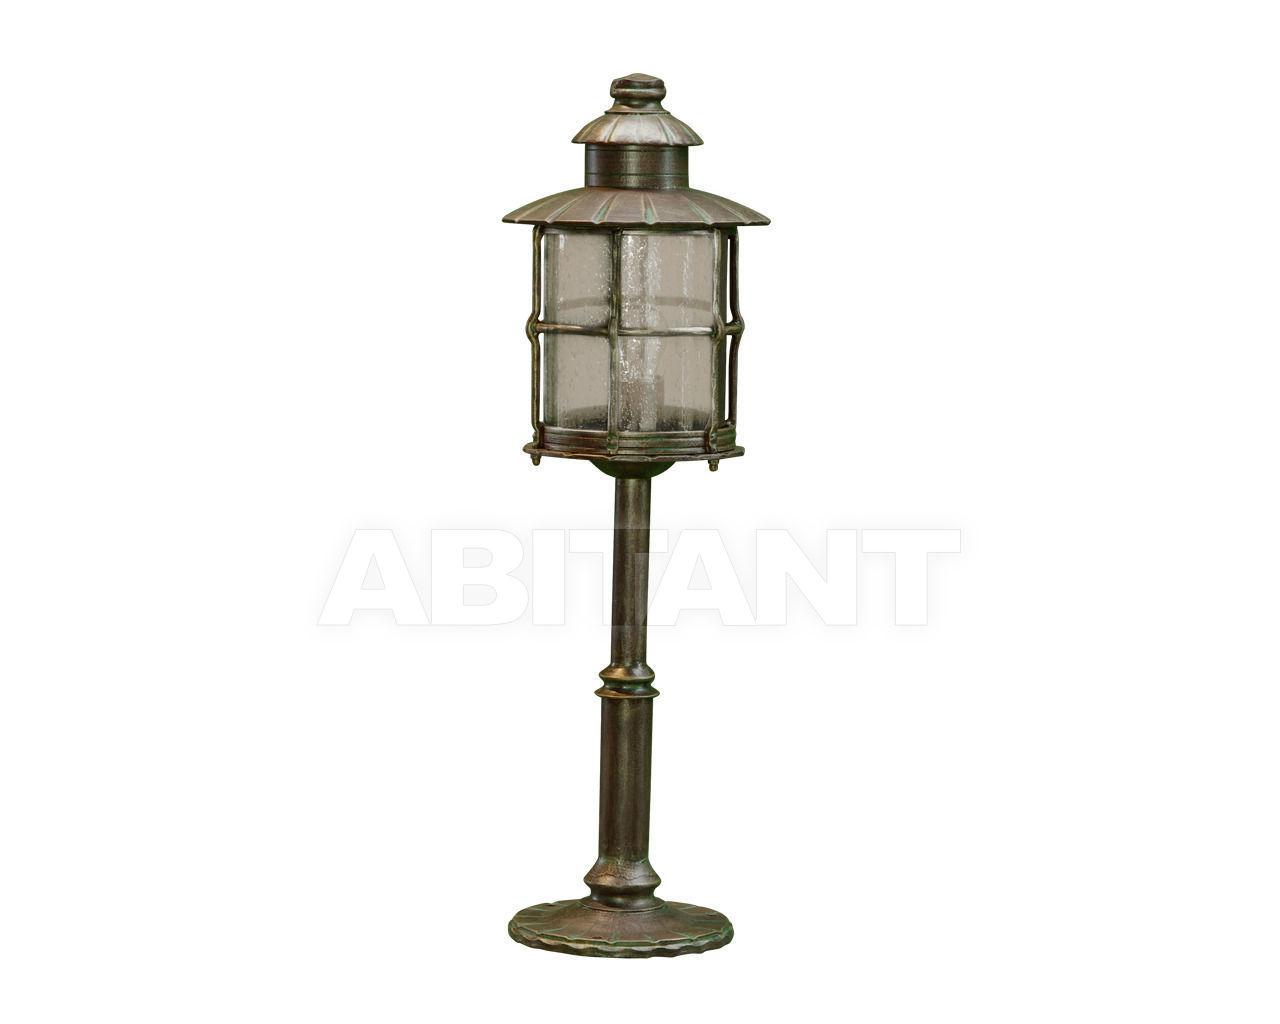 Купить Садовый светильник FMB Leuchten Schmiedeeisen Lampen Und Leuchten 90413